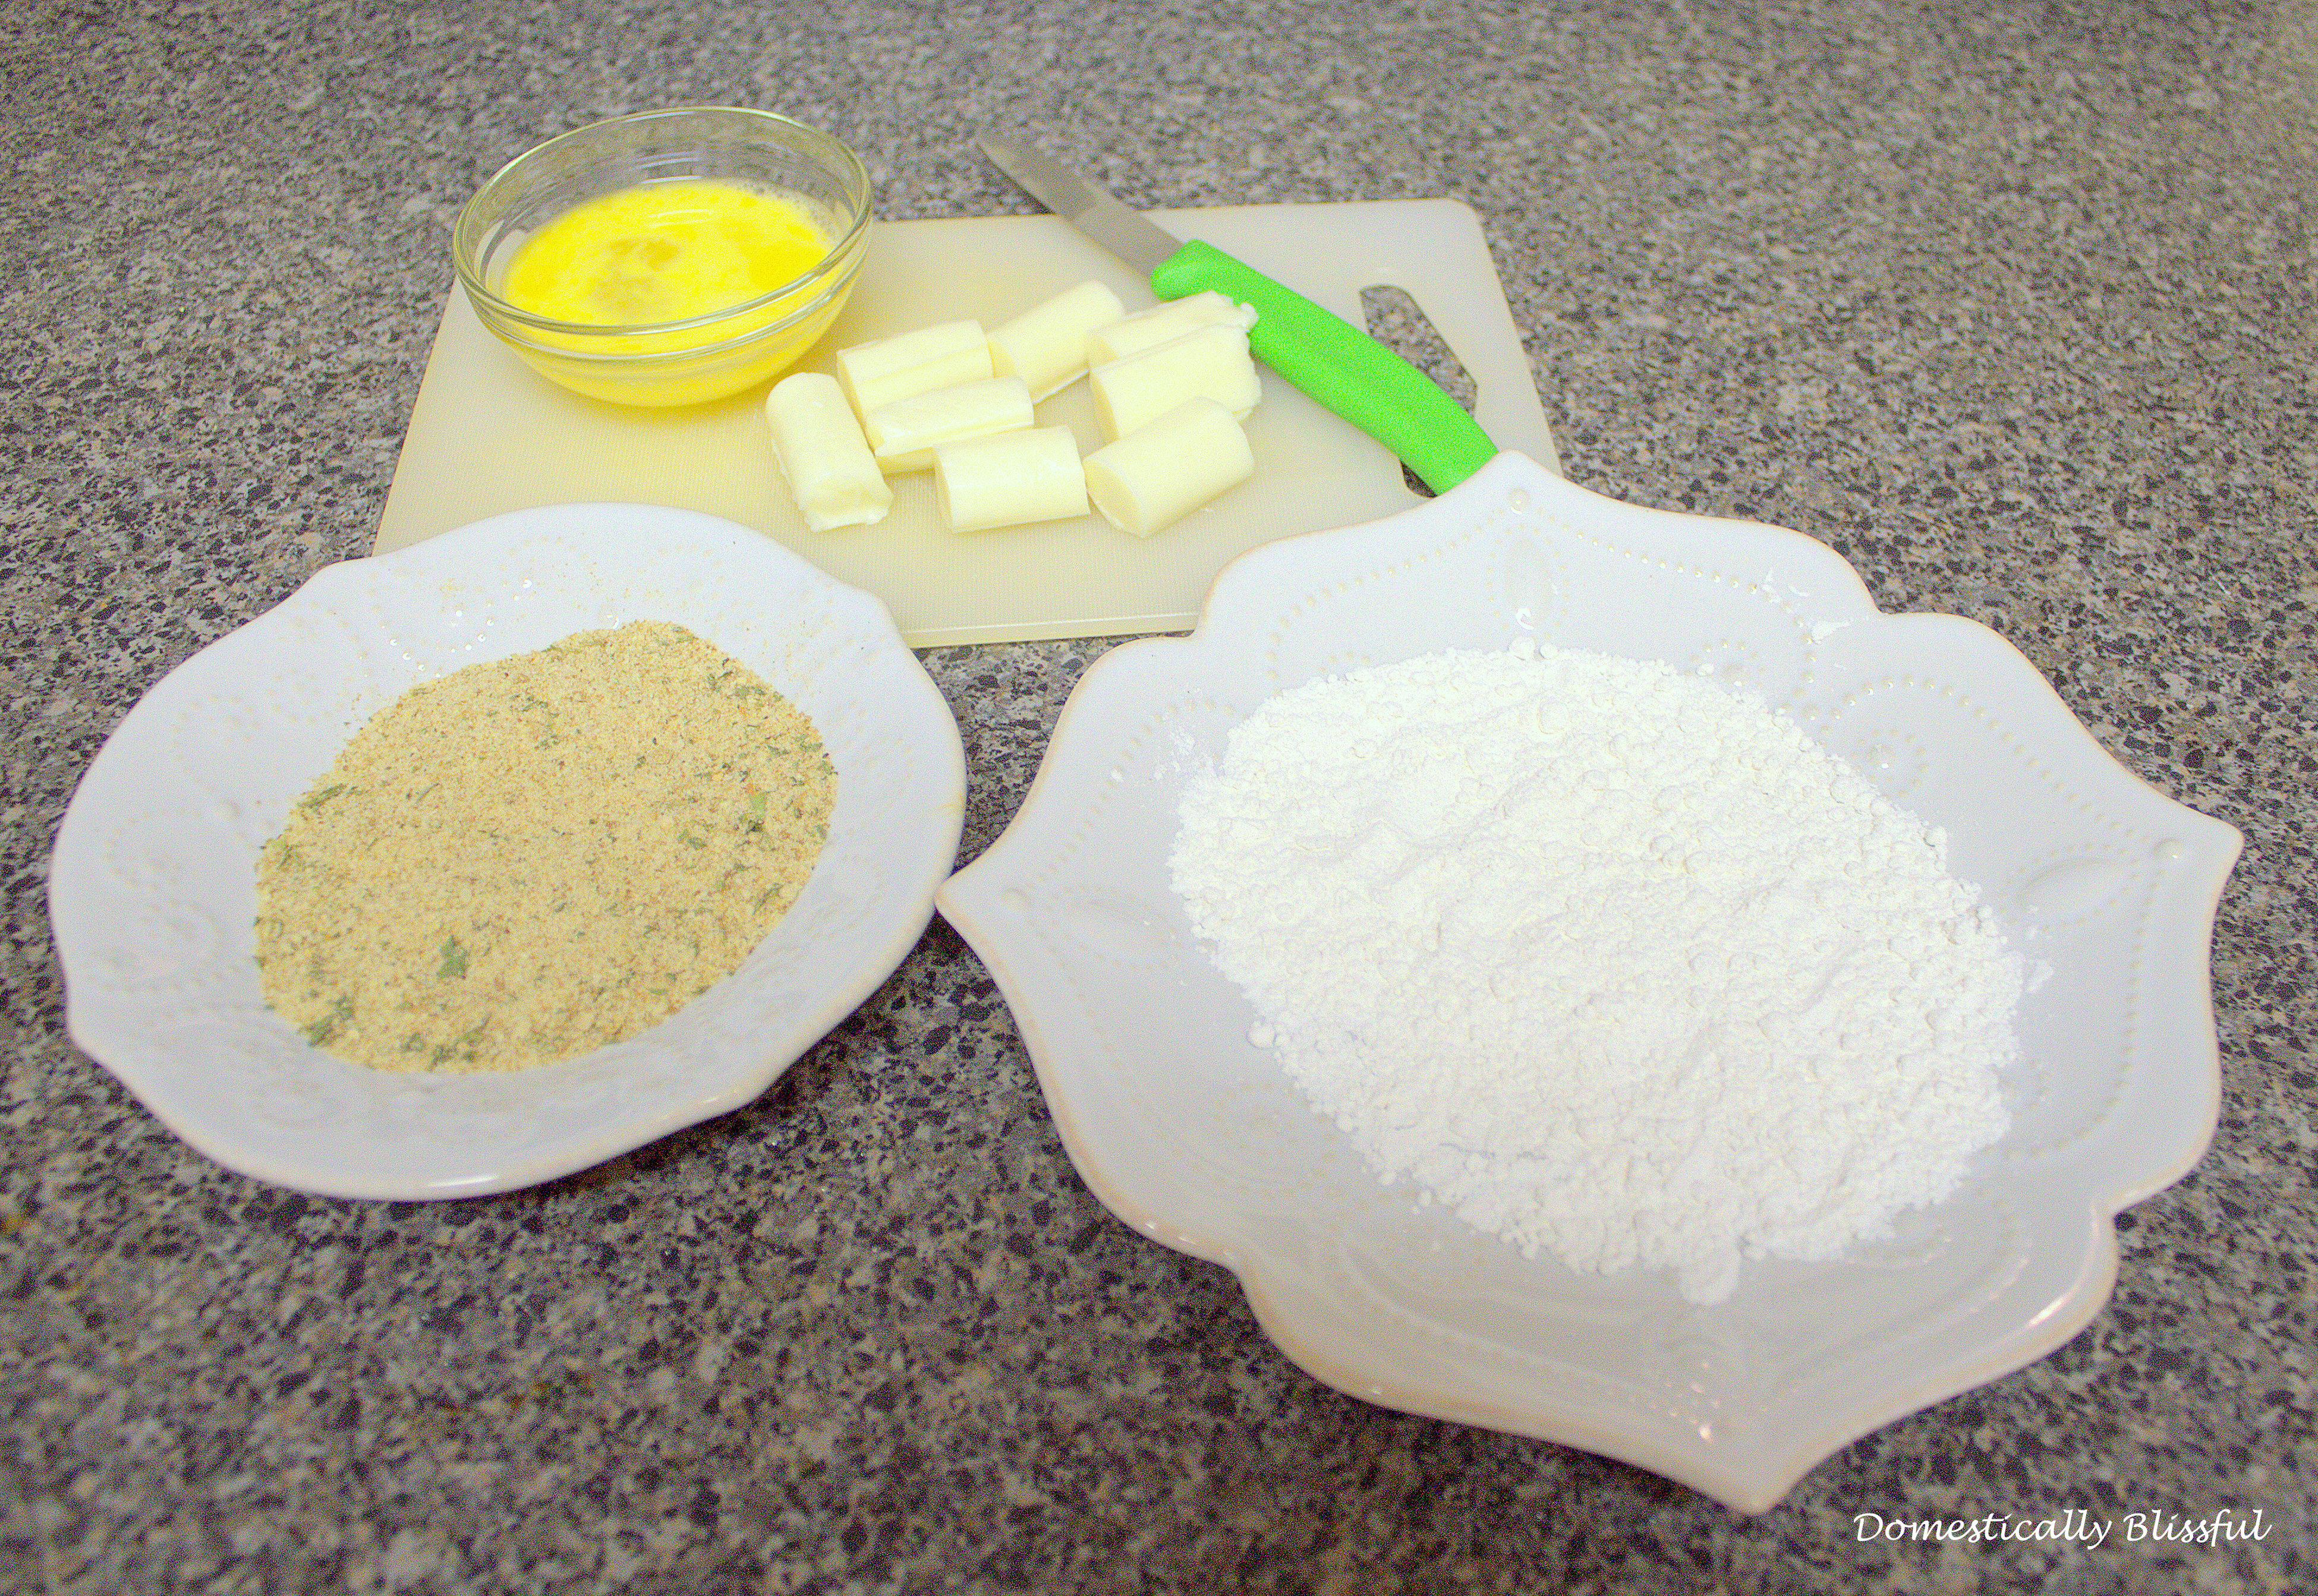 Ingredients needed for Mozzarella Bites